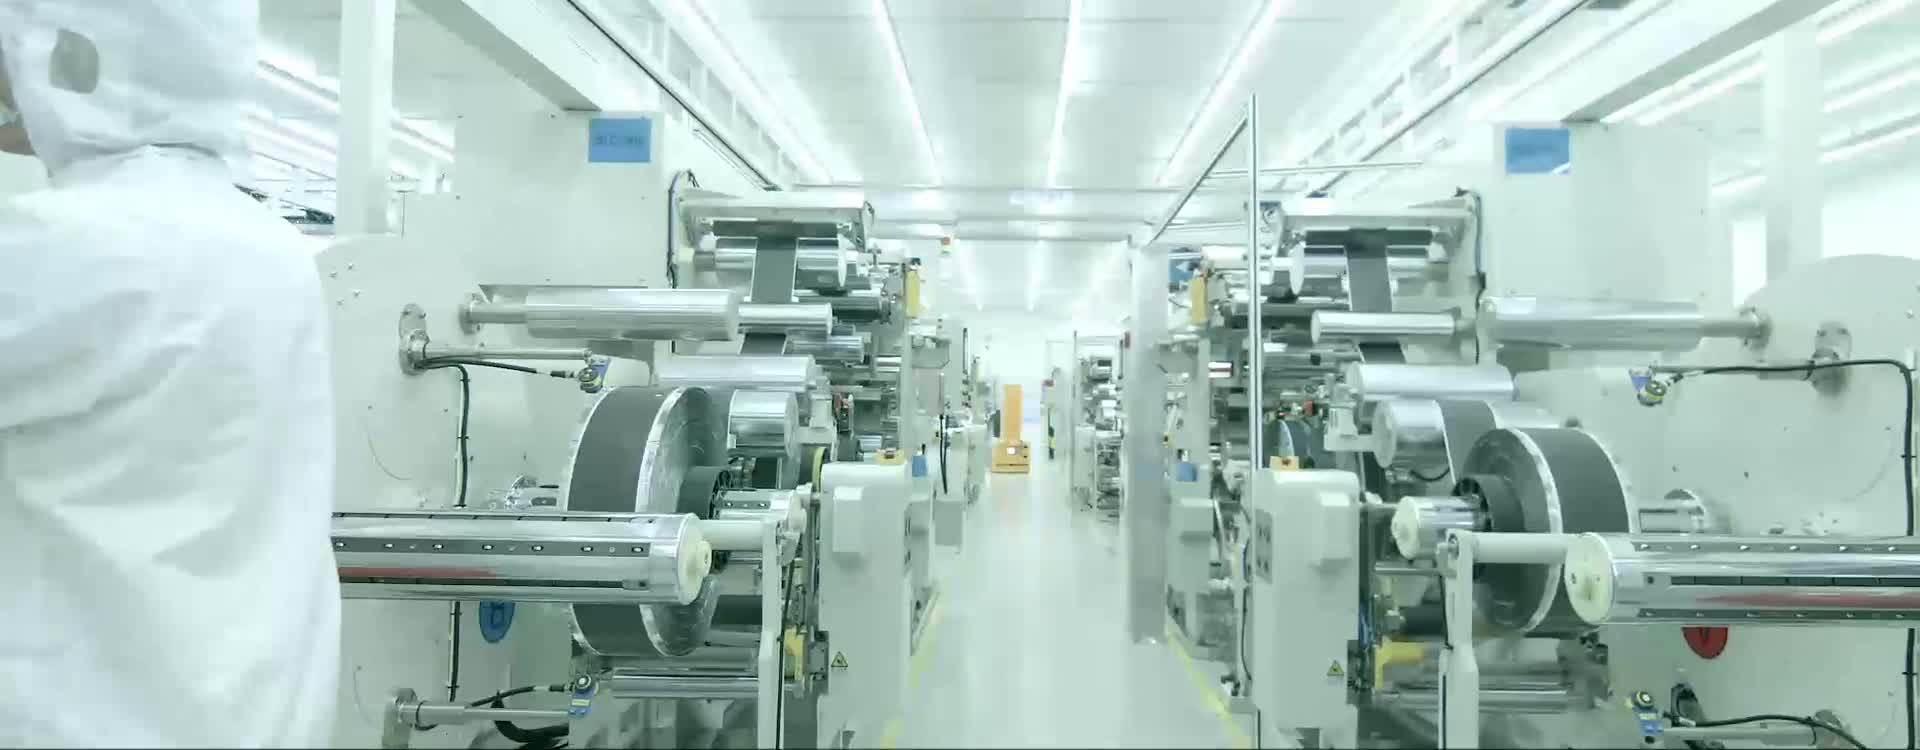 CATL baterije inovacije proizvodnja u Kini VIDEO